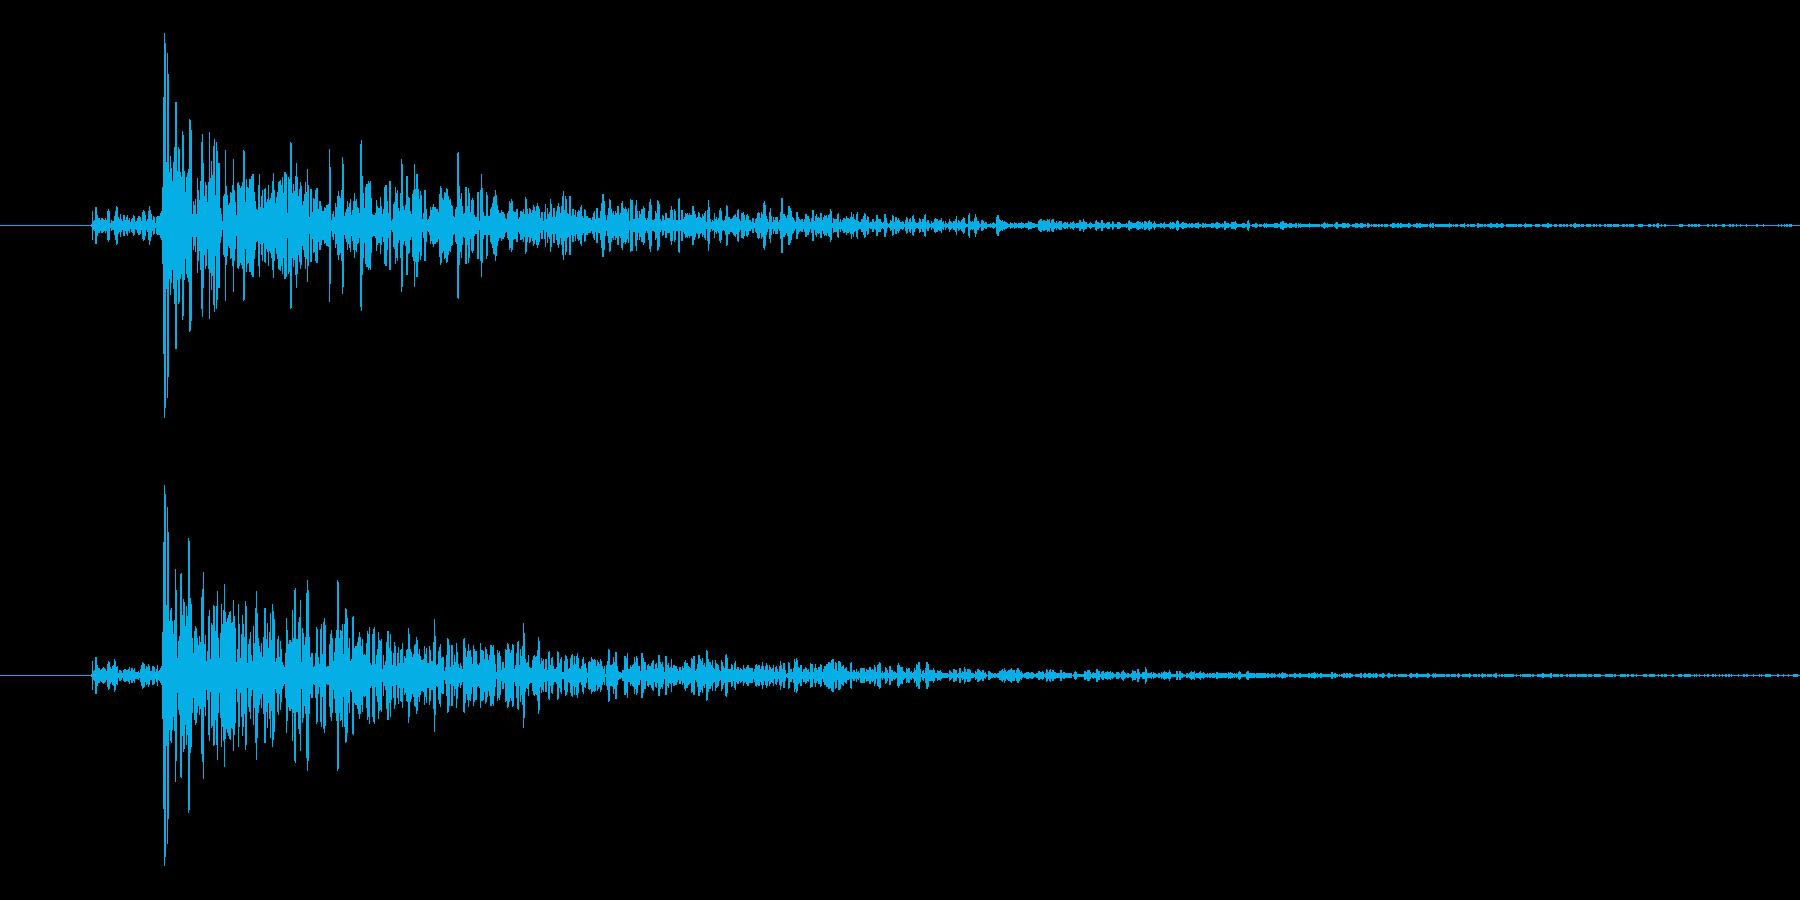 ドン、という衝撃音です。の再生済みの波形